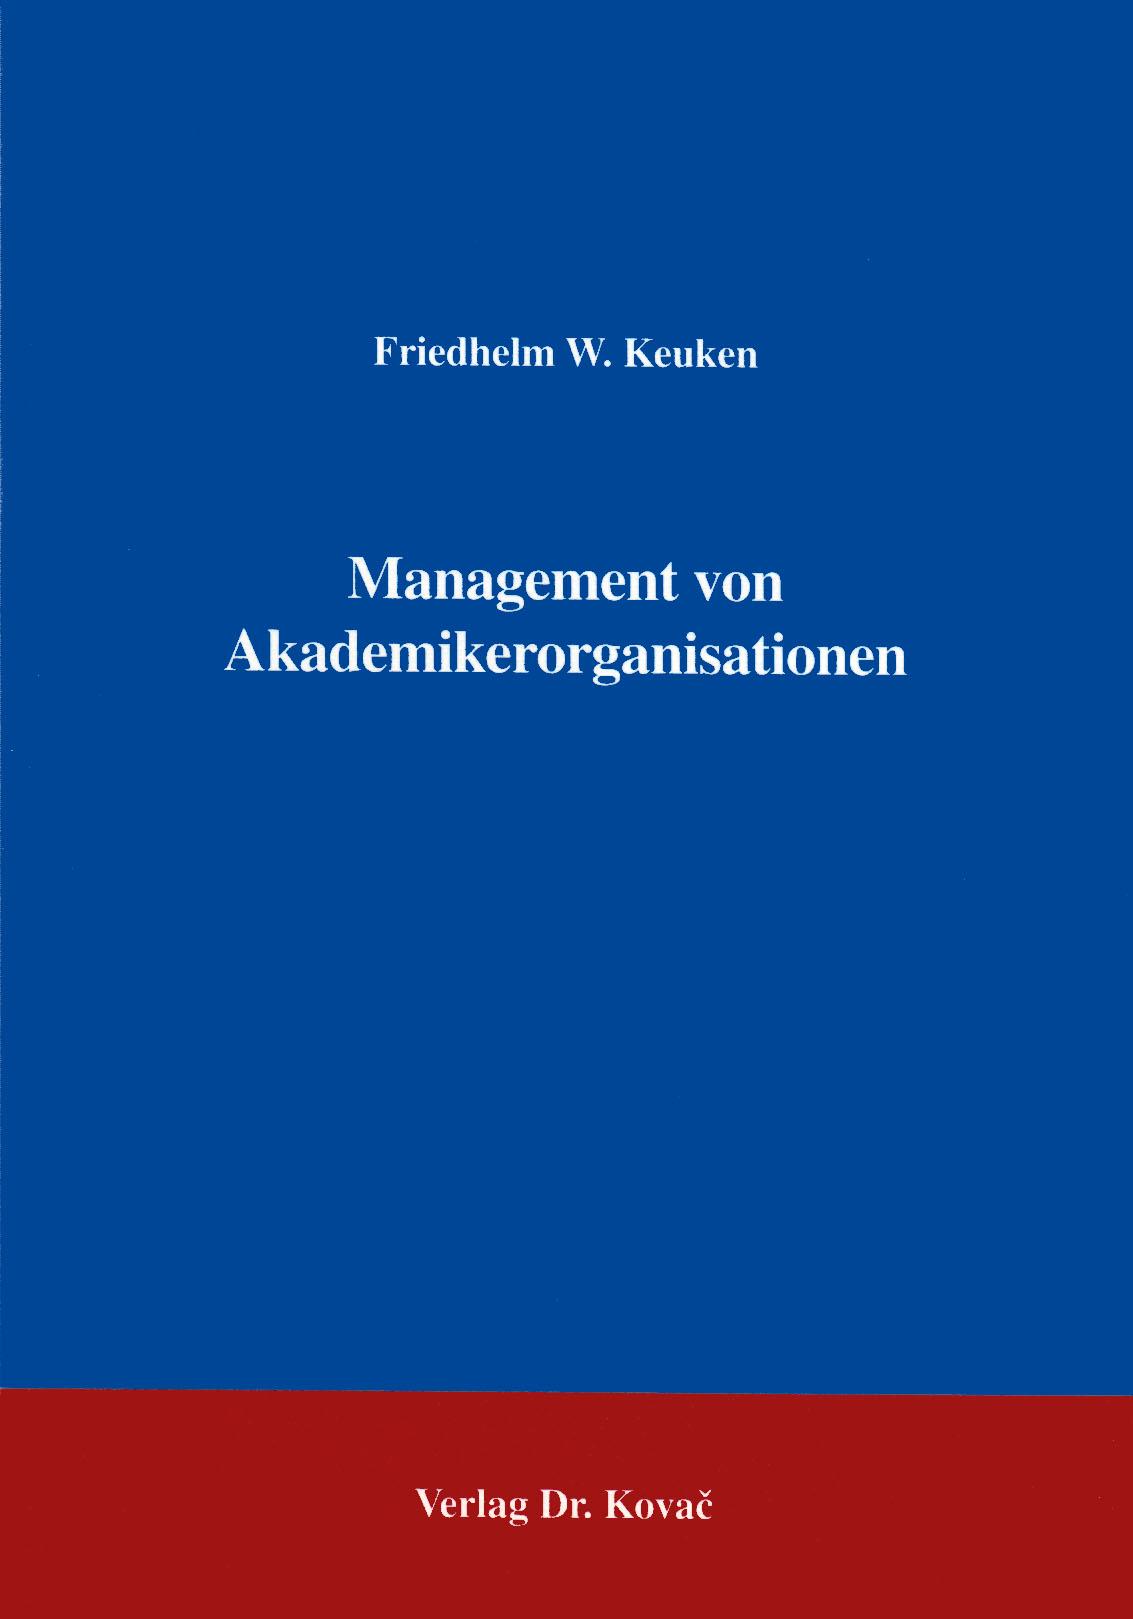 Cover: Management von Akademikerorganisationen